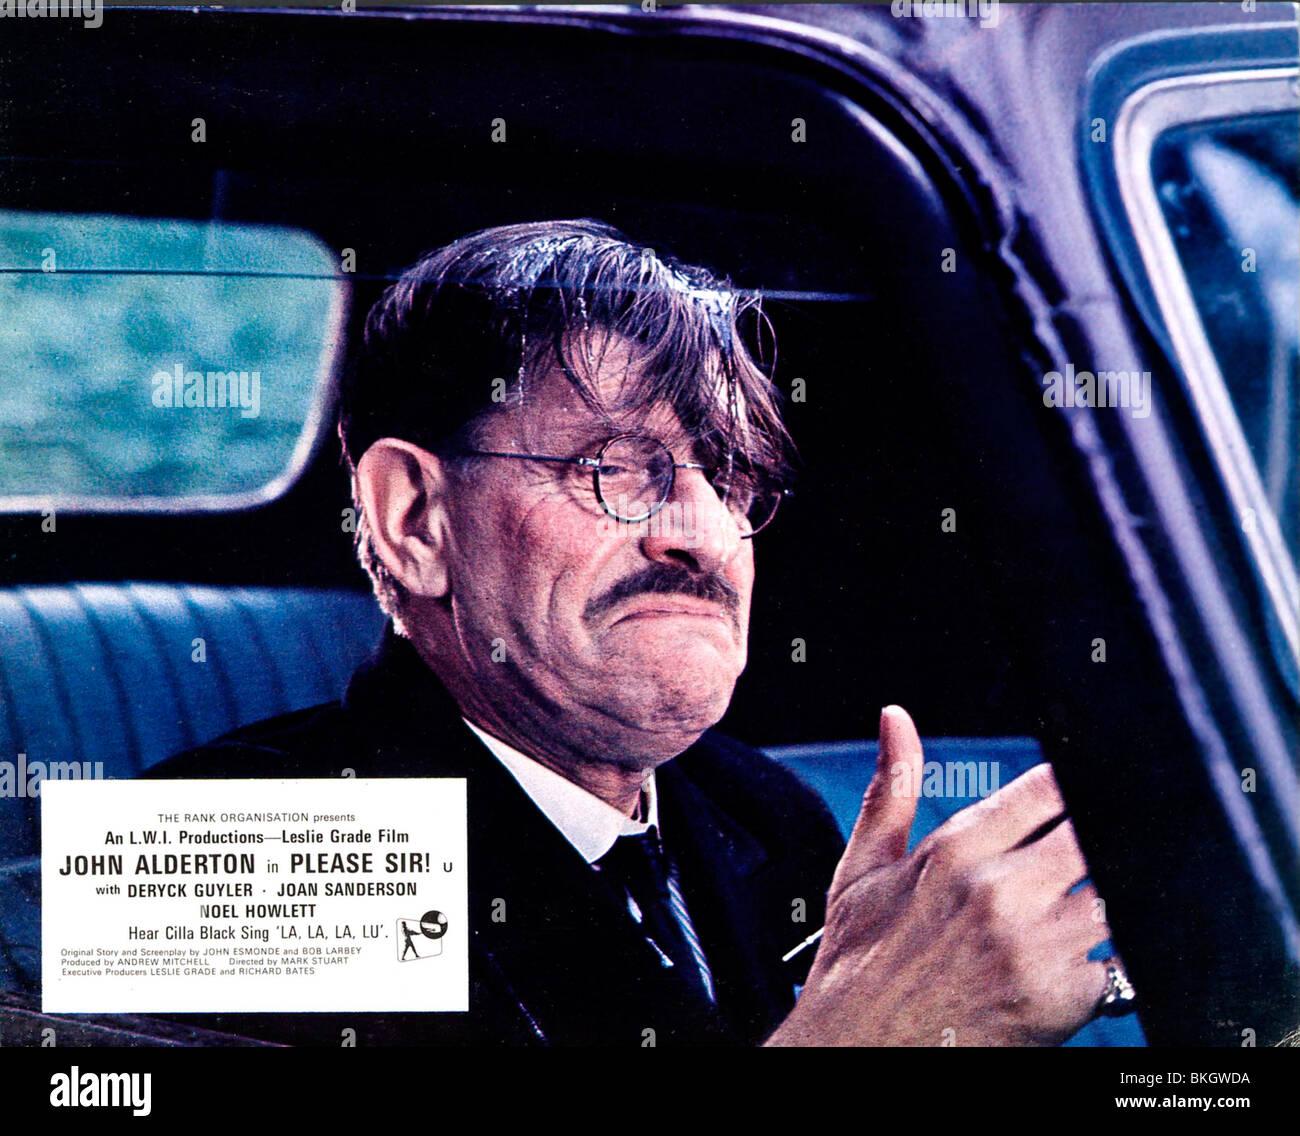 PLEASE SIR! (1971) PLEASE SIR (ALT) DERYCK GUYLER, MARK STUART (DIR) PSIR 002 FOH - Stock Image